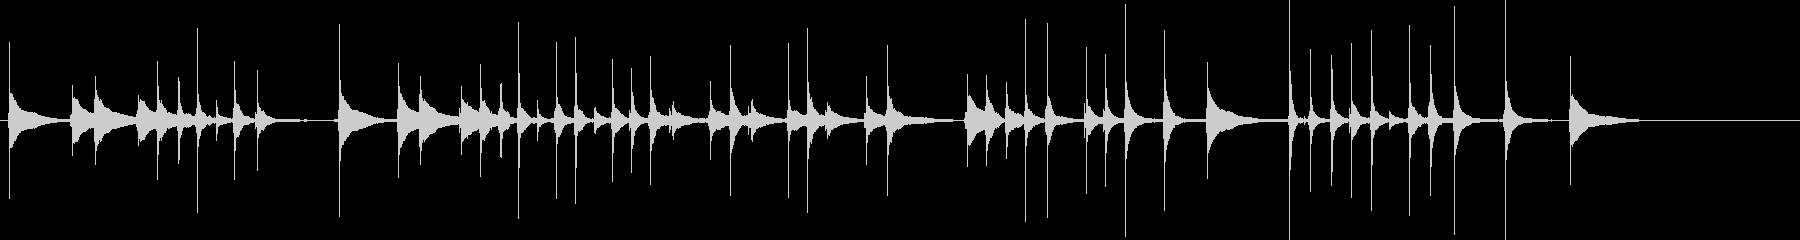 三味線31娘道成寺10日本式レビューショの未再生の波形